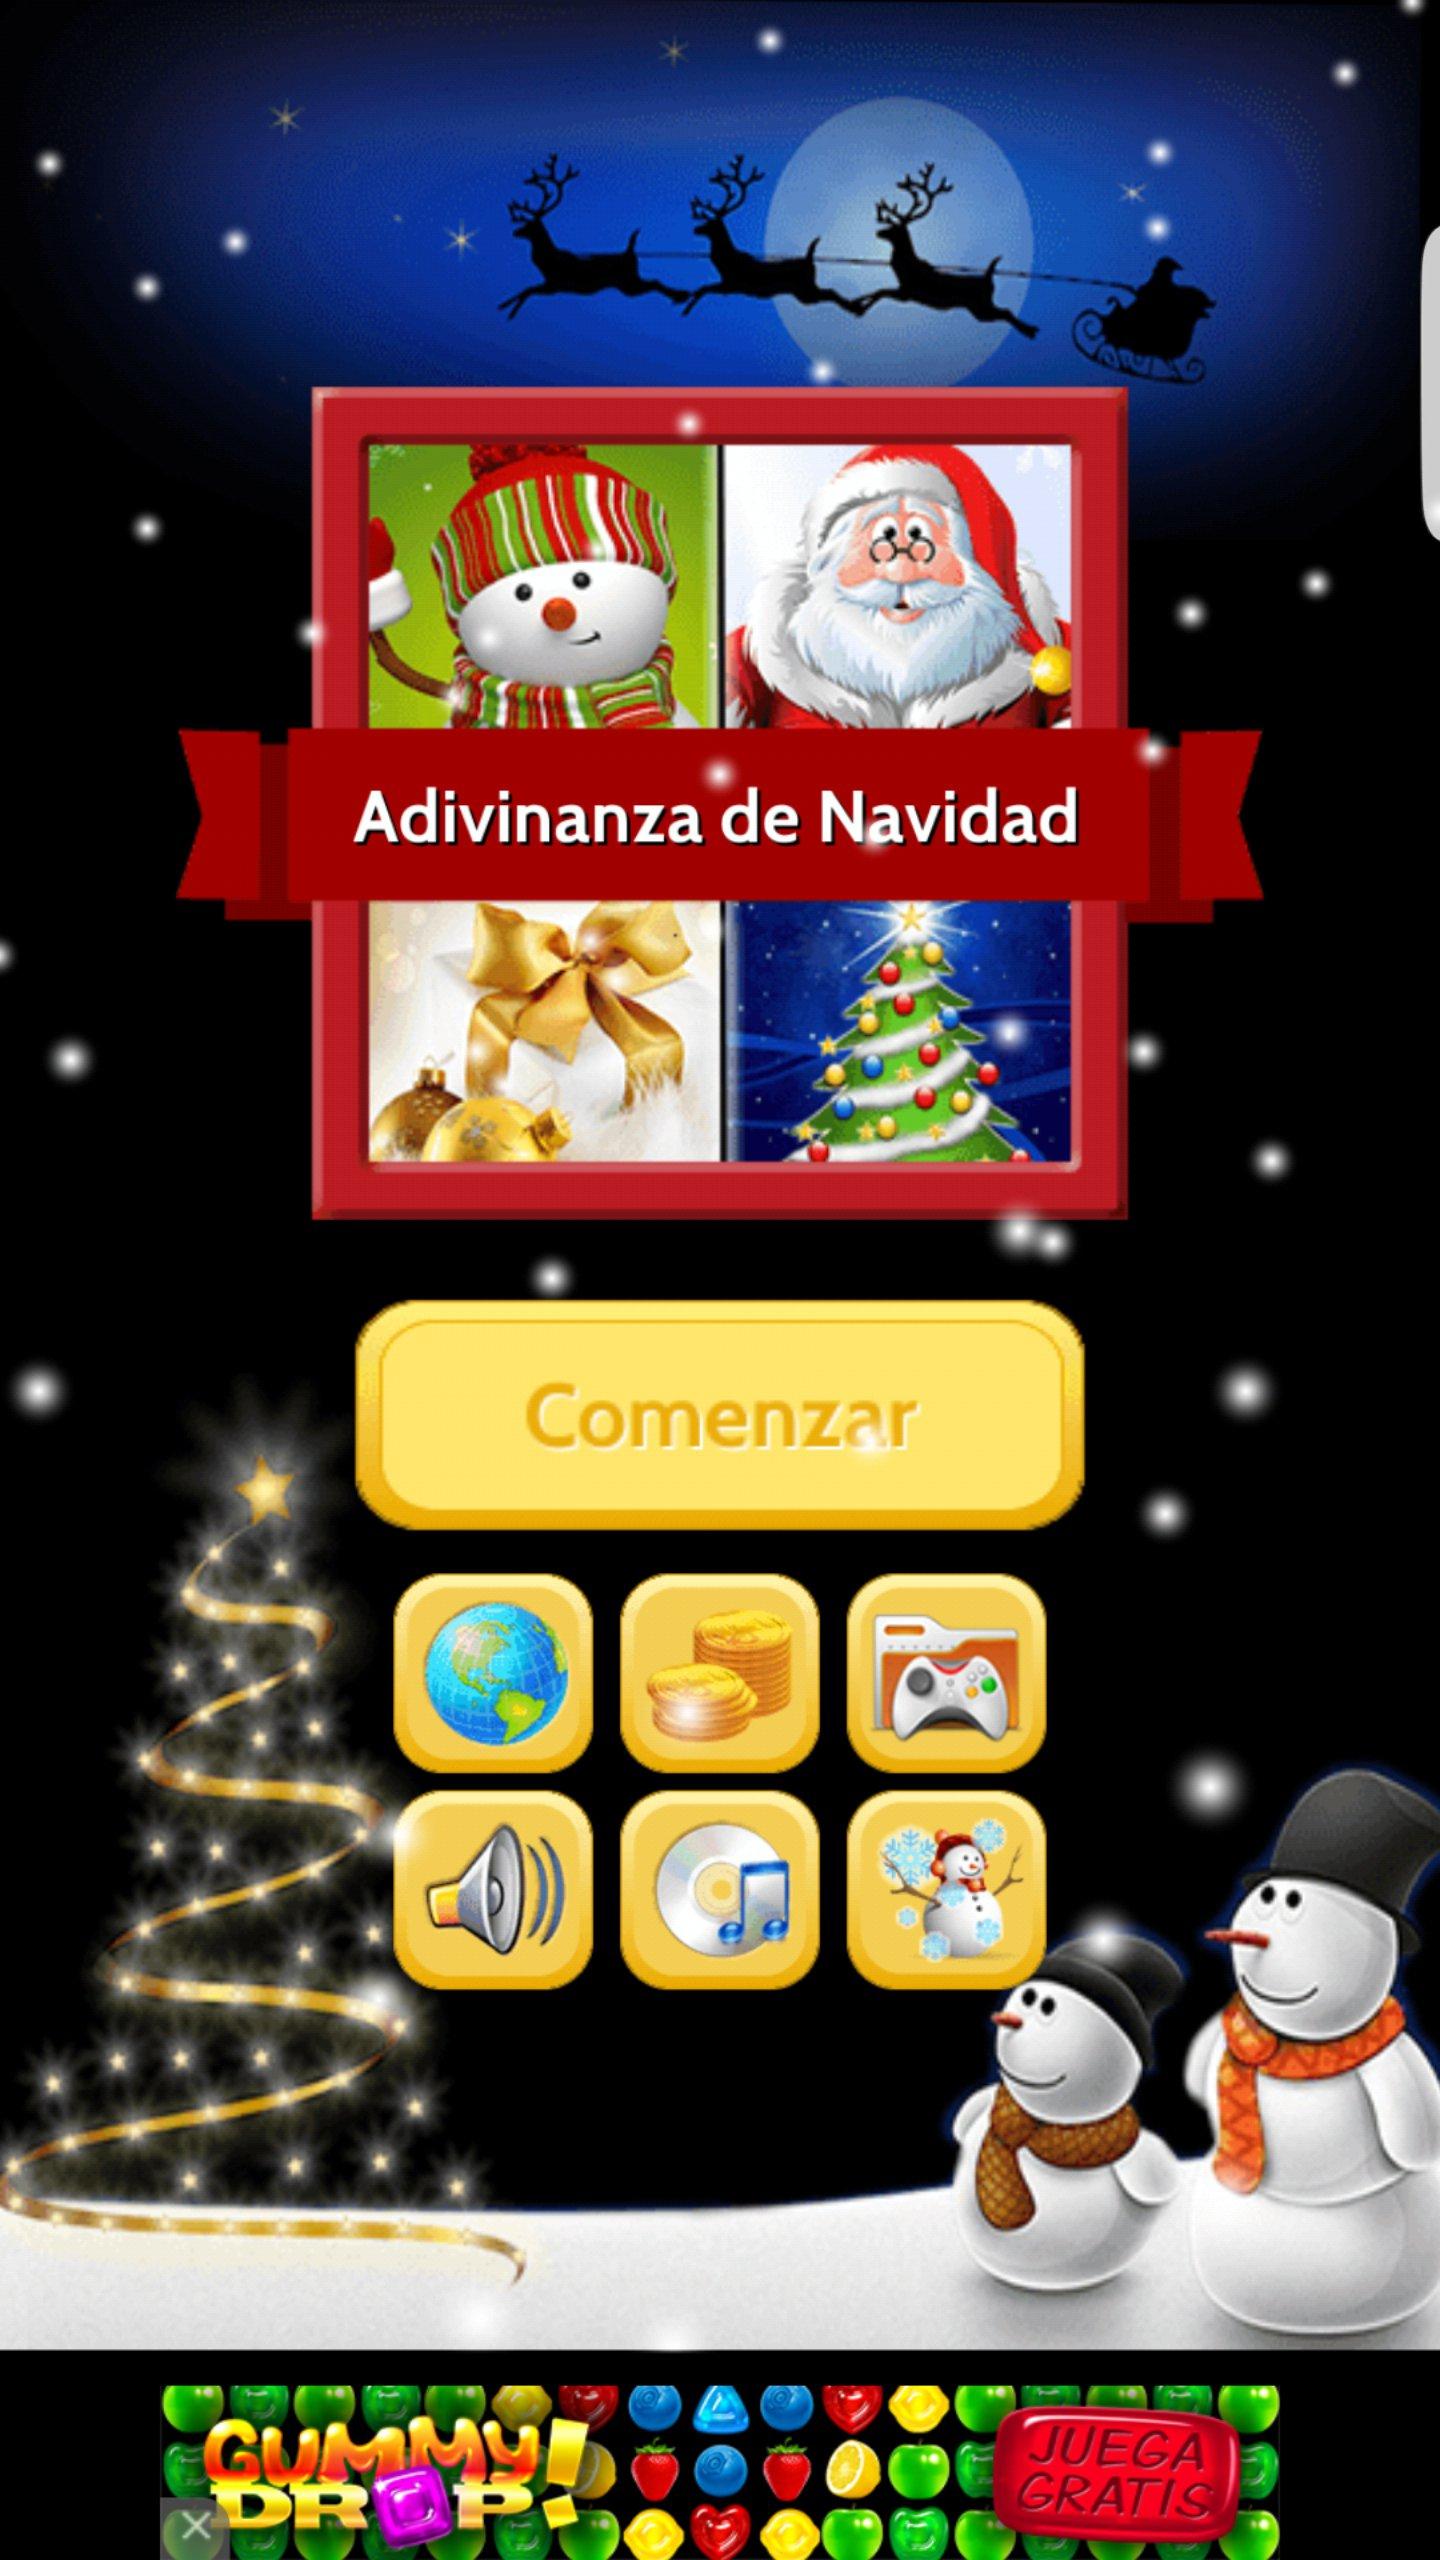 Quiz De Noël 1.40 - Télécharger Pour Android Apk Gratuitement concernant Jeu Pour Noel Gratuit